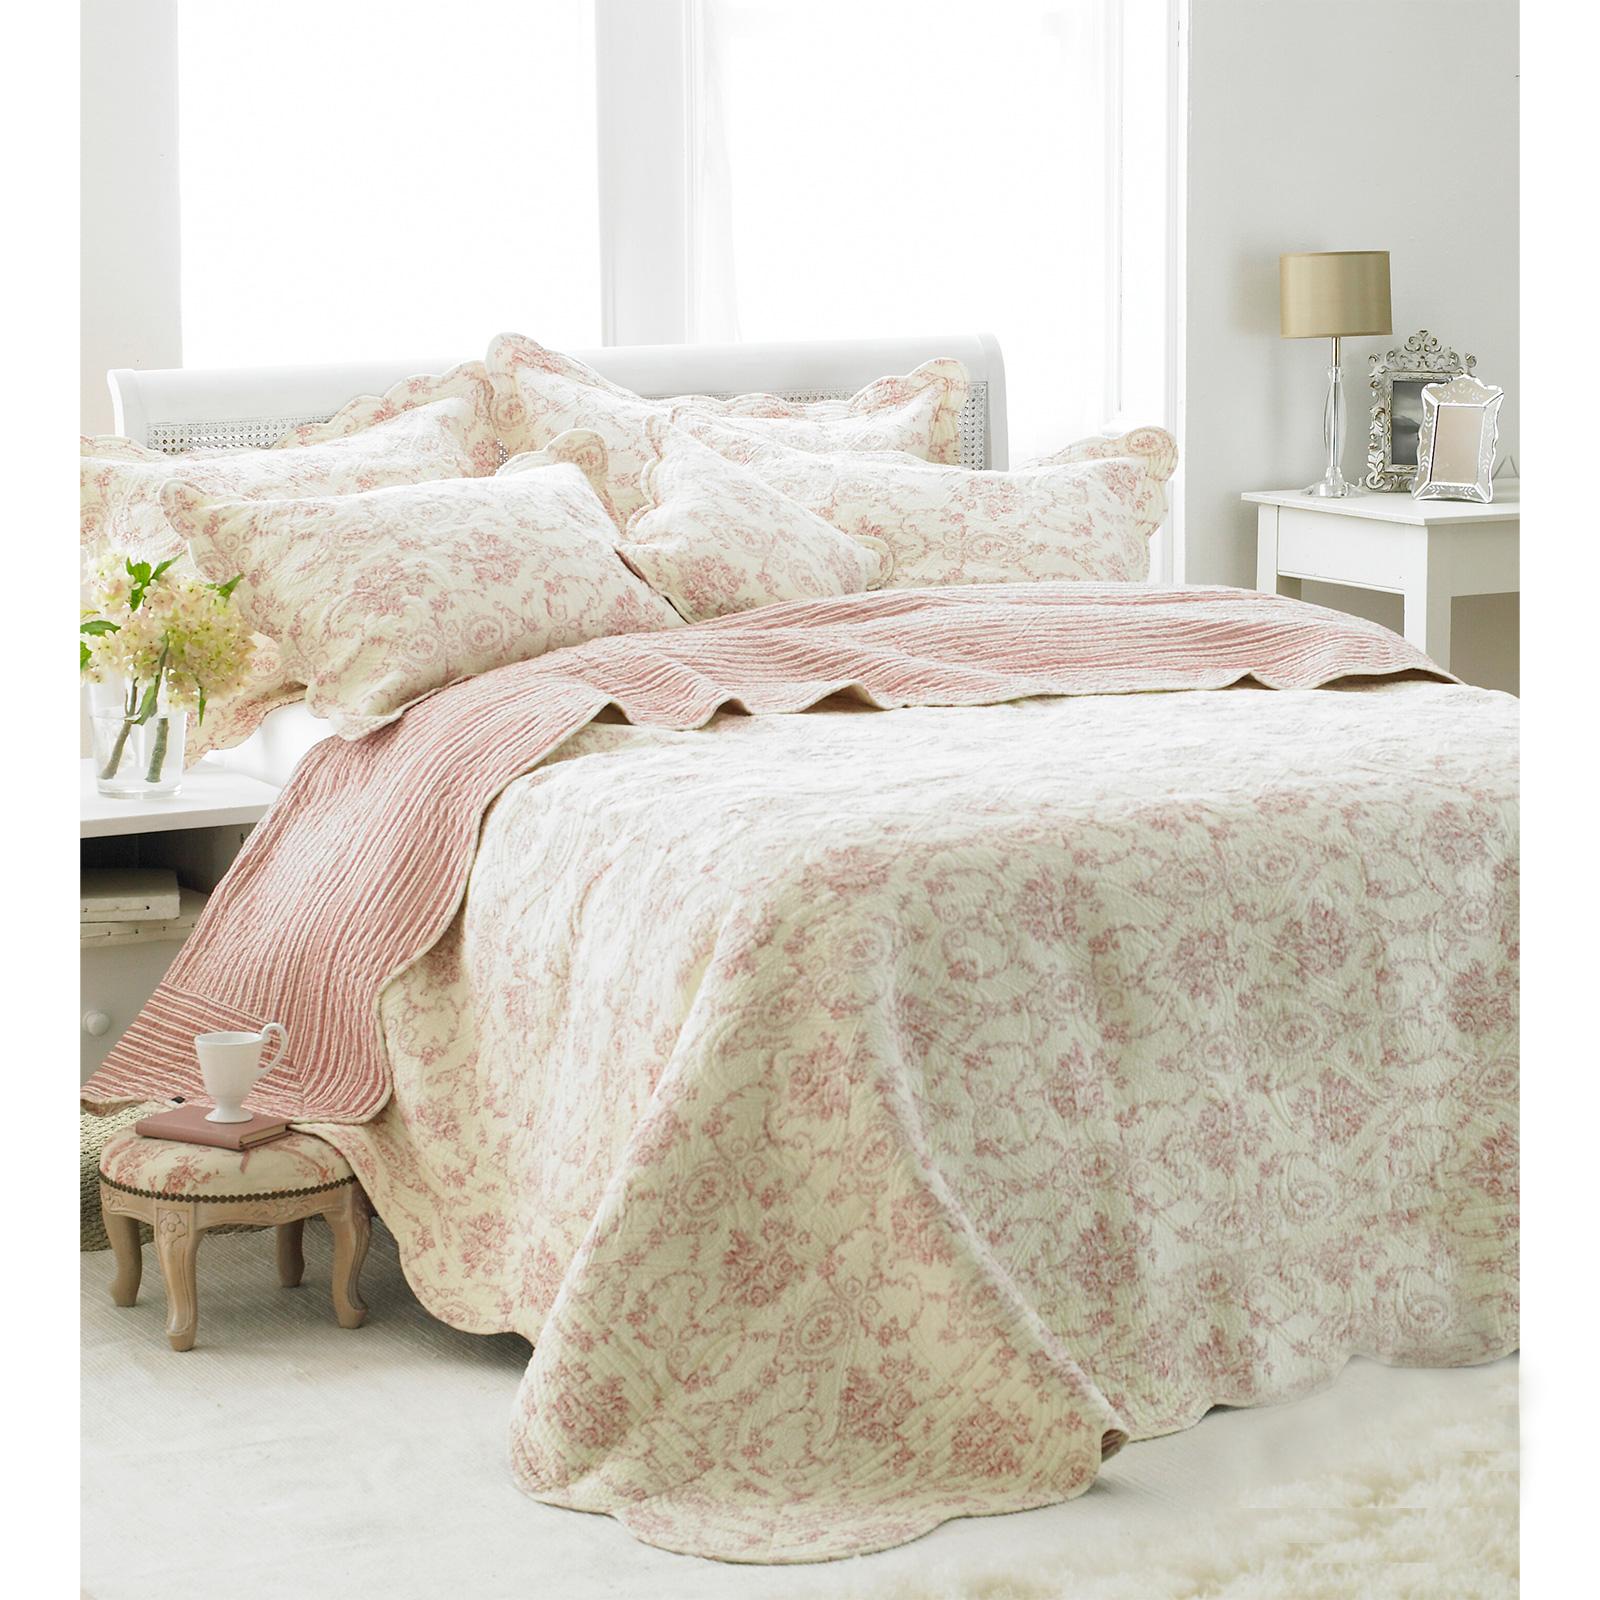 franz sisch vintage toile tagesdecke luxus 100 baumwolle. Black Bedroom Furniture Sets. Home Design Ideas